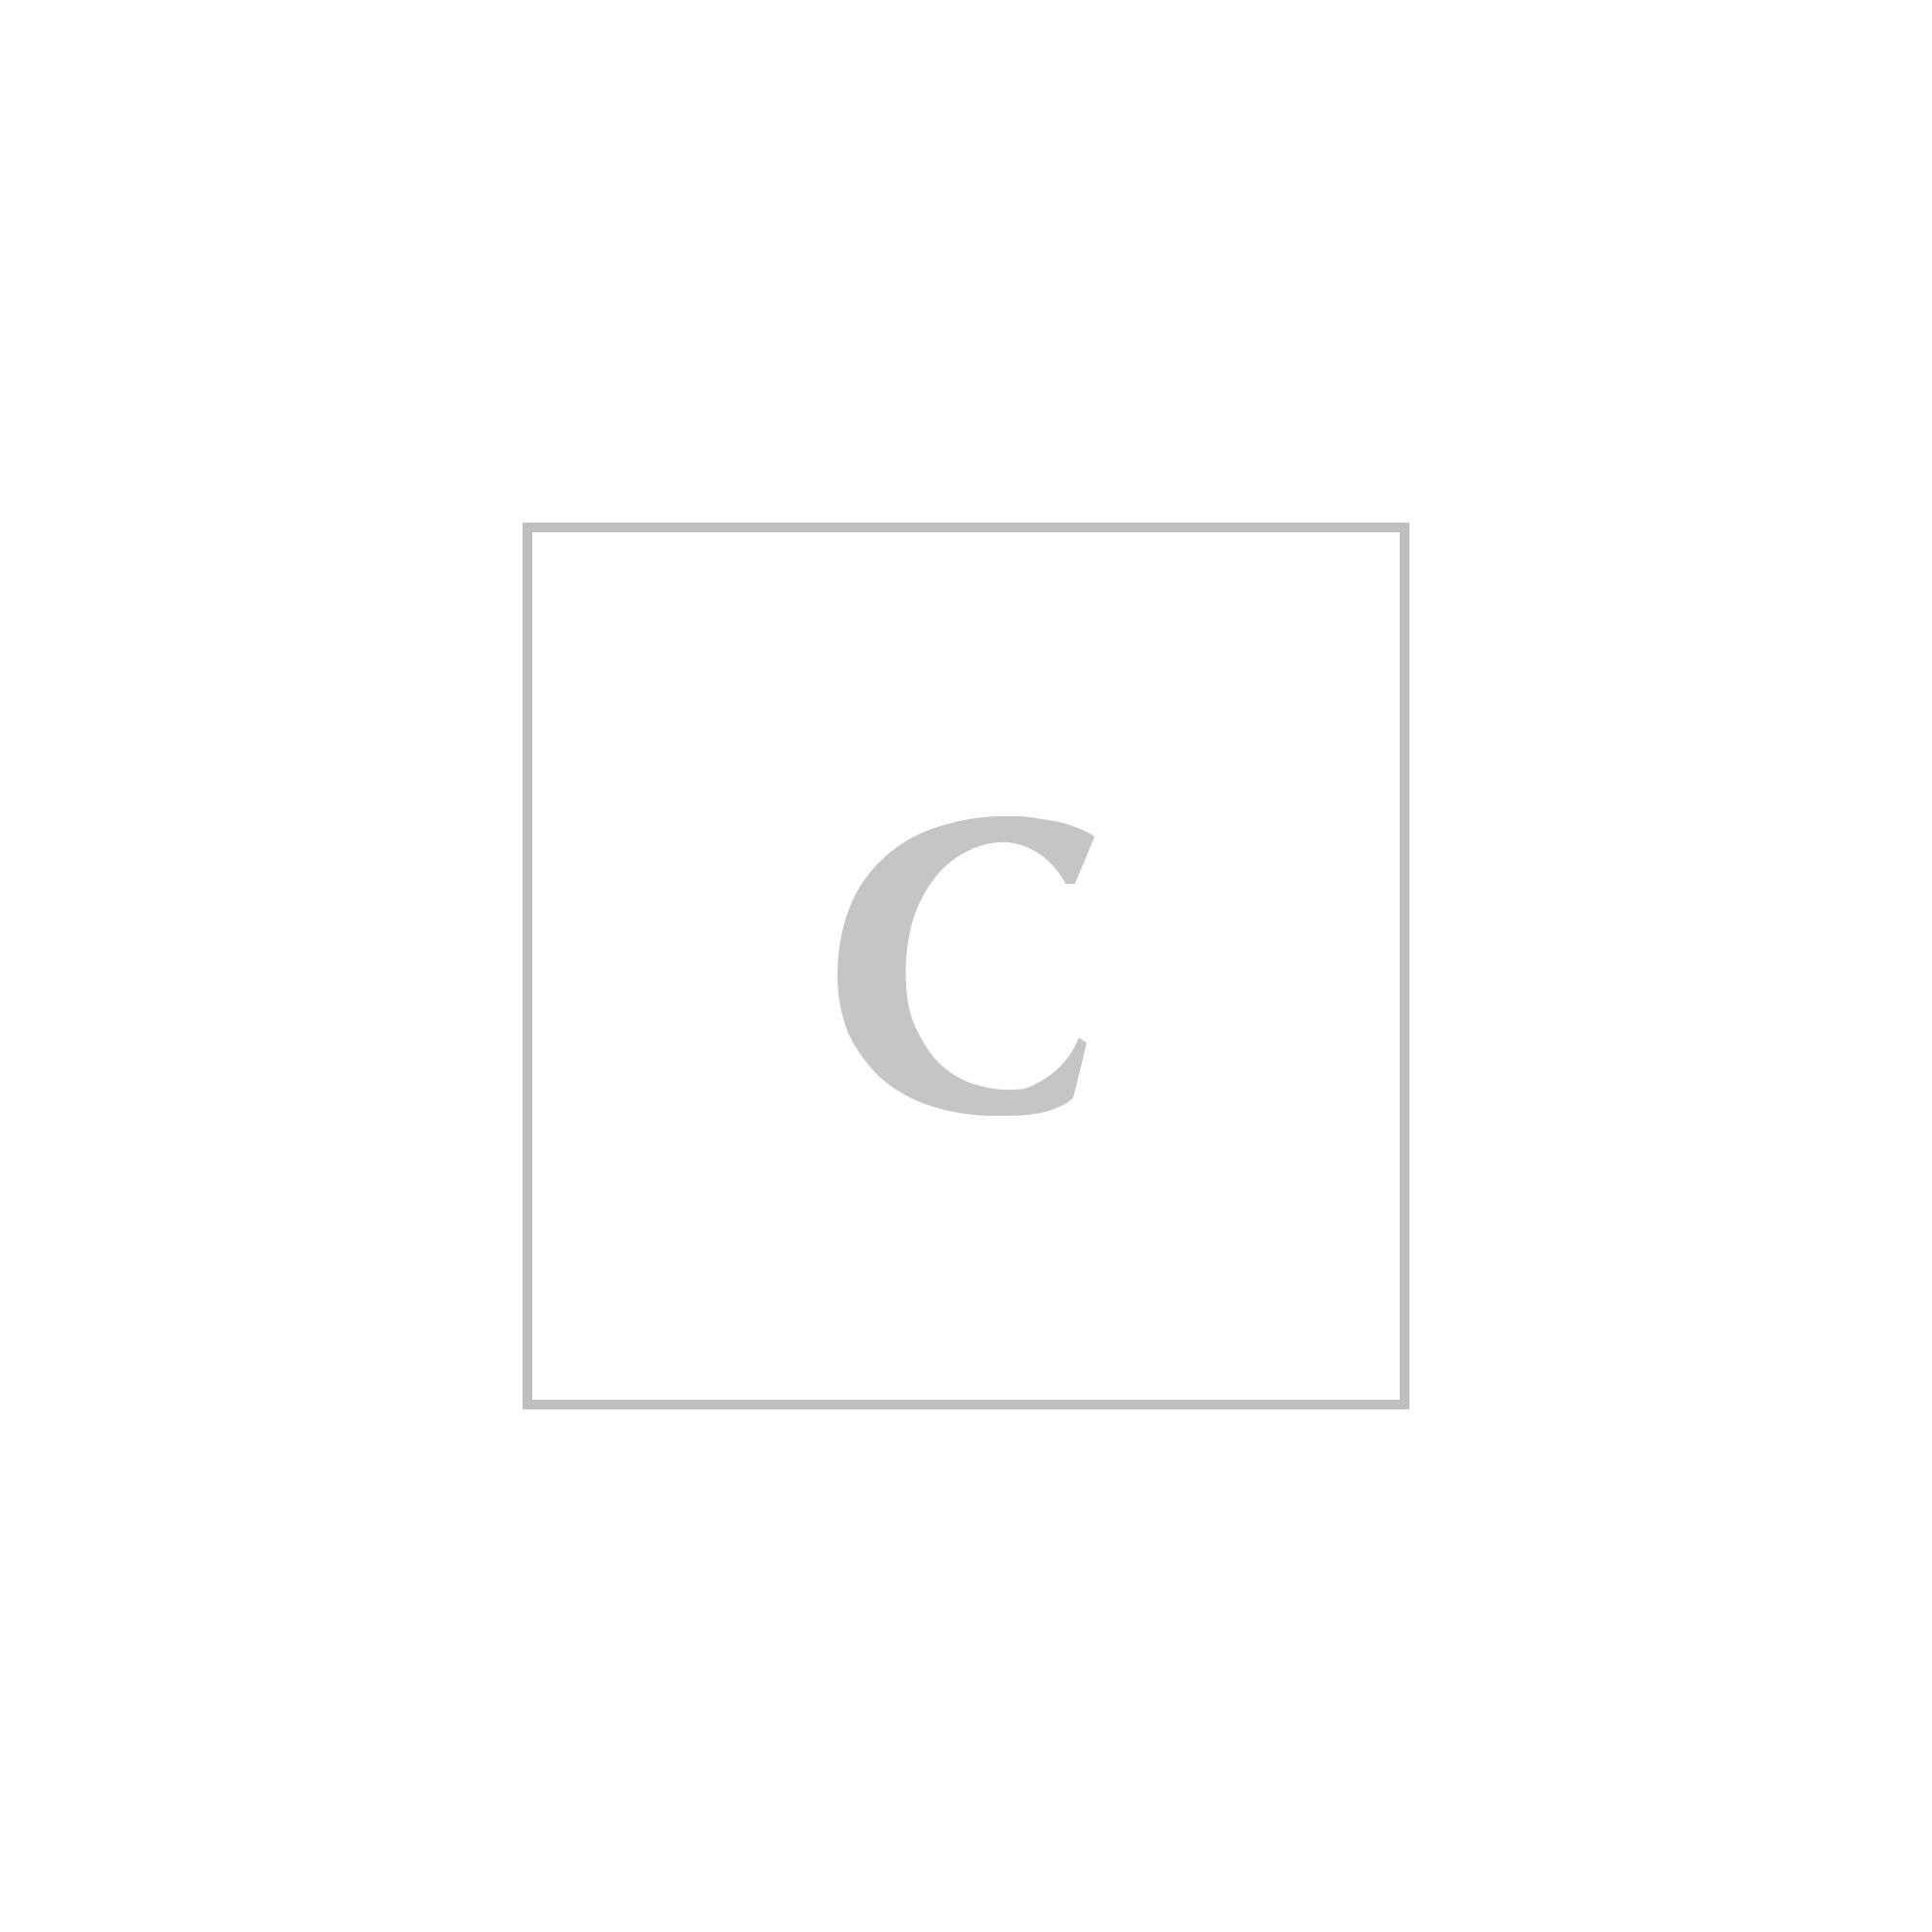 Moncler capsule giubbotto nita